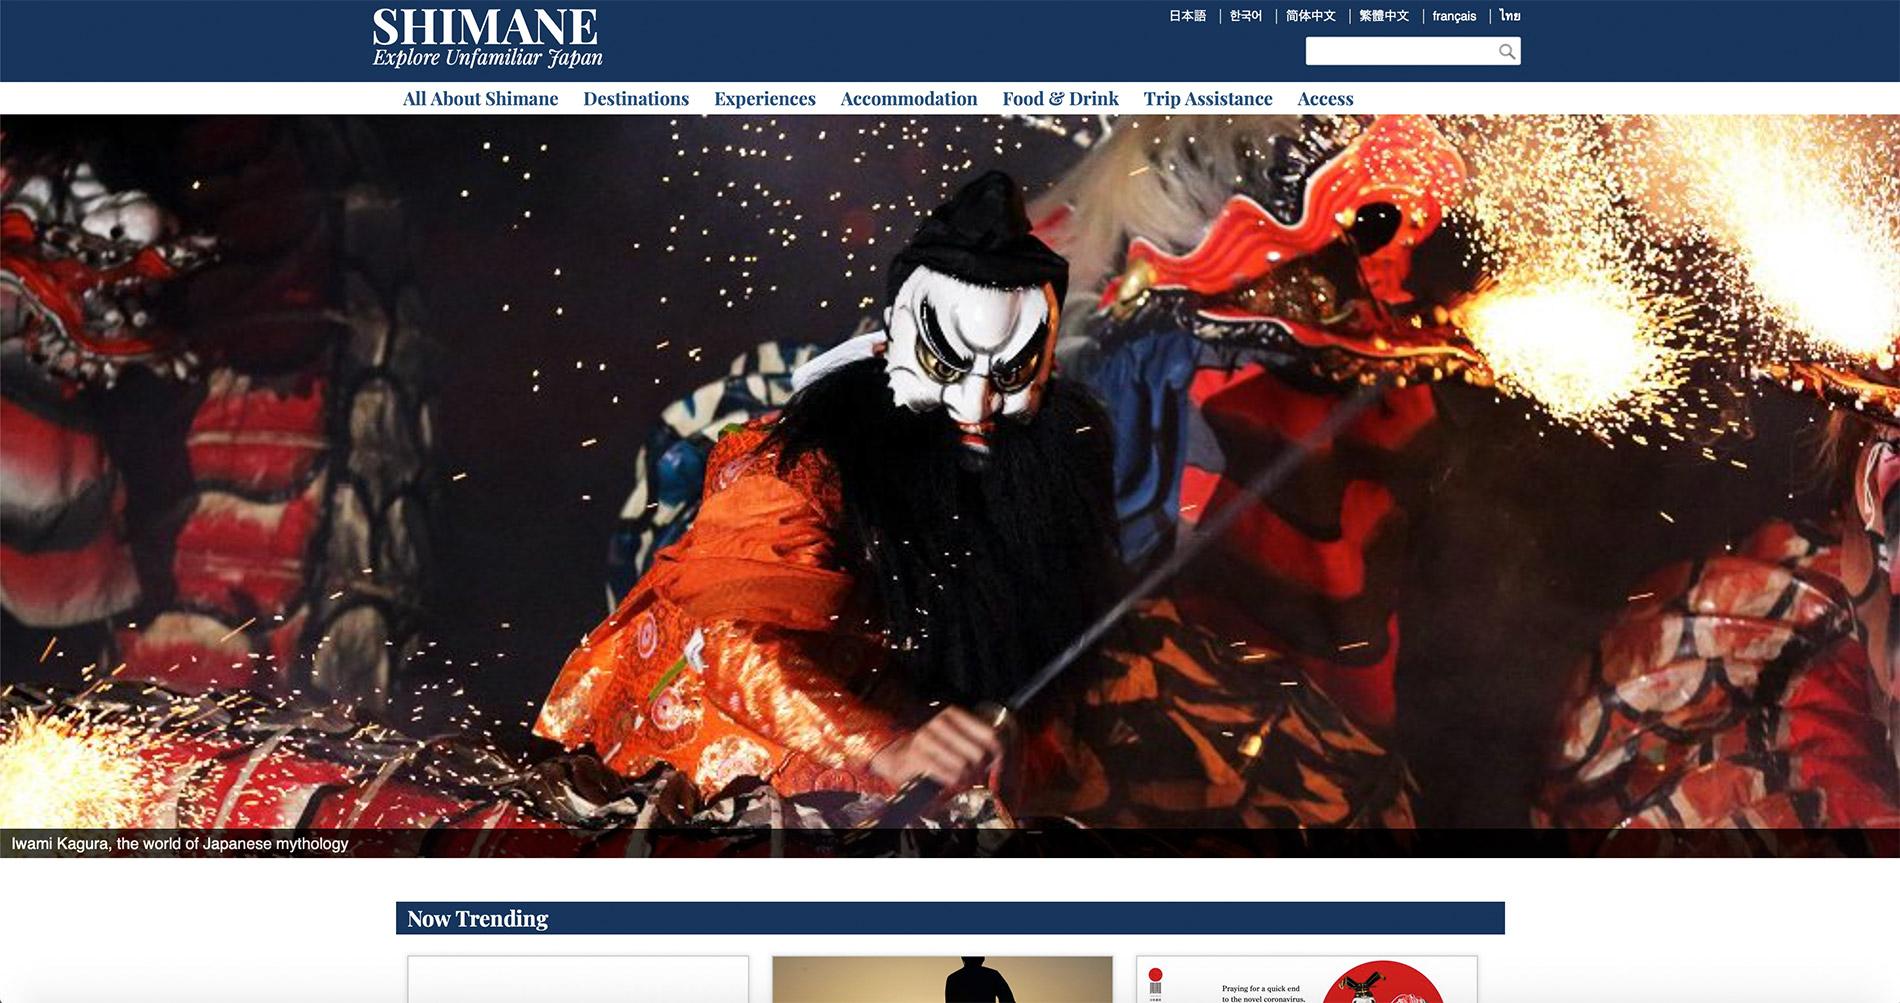 Die englische Webseite des Tourismusverbandes der Präfektur Shimane.